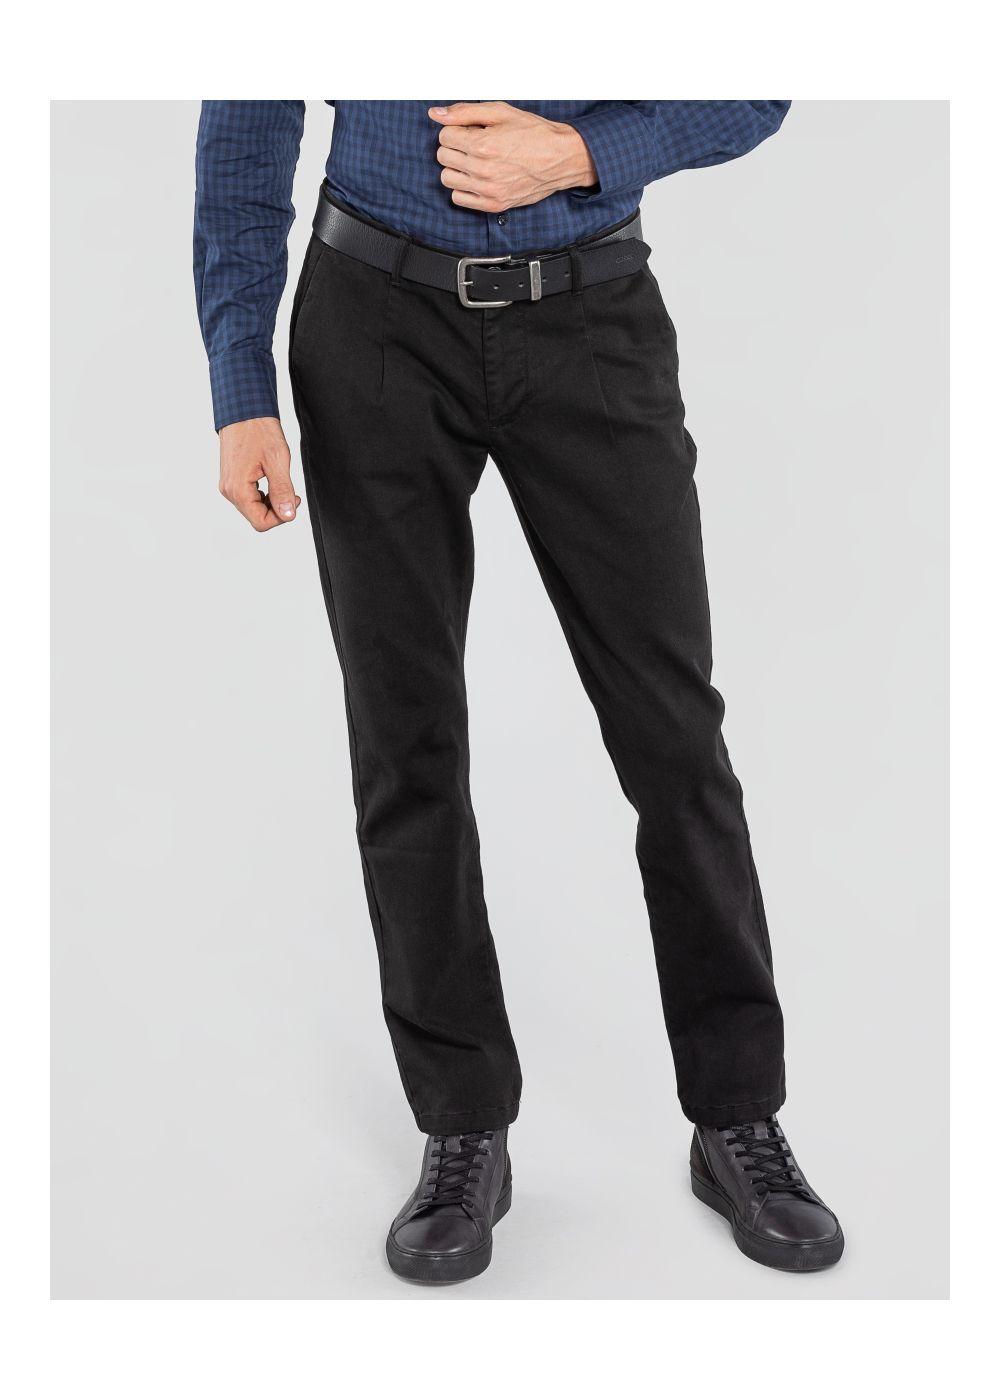 Spodnie męskie SPOMT-0057-99(Z20)